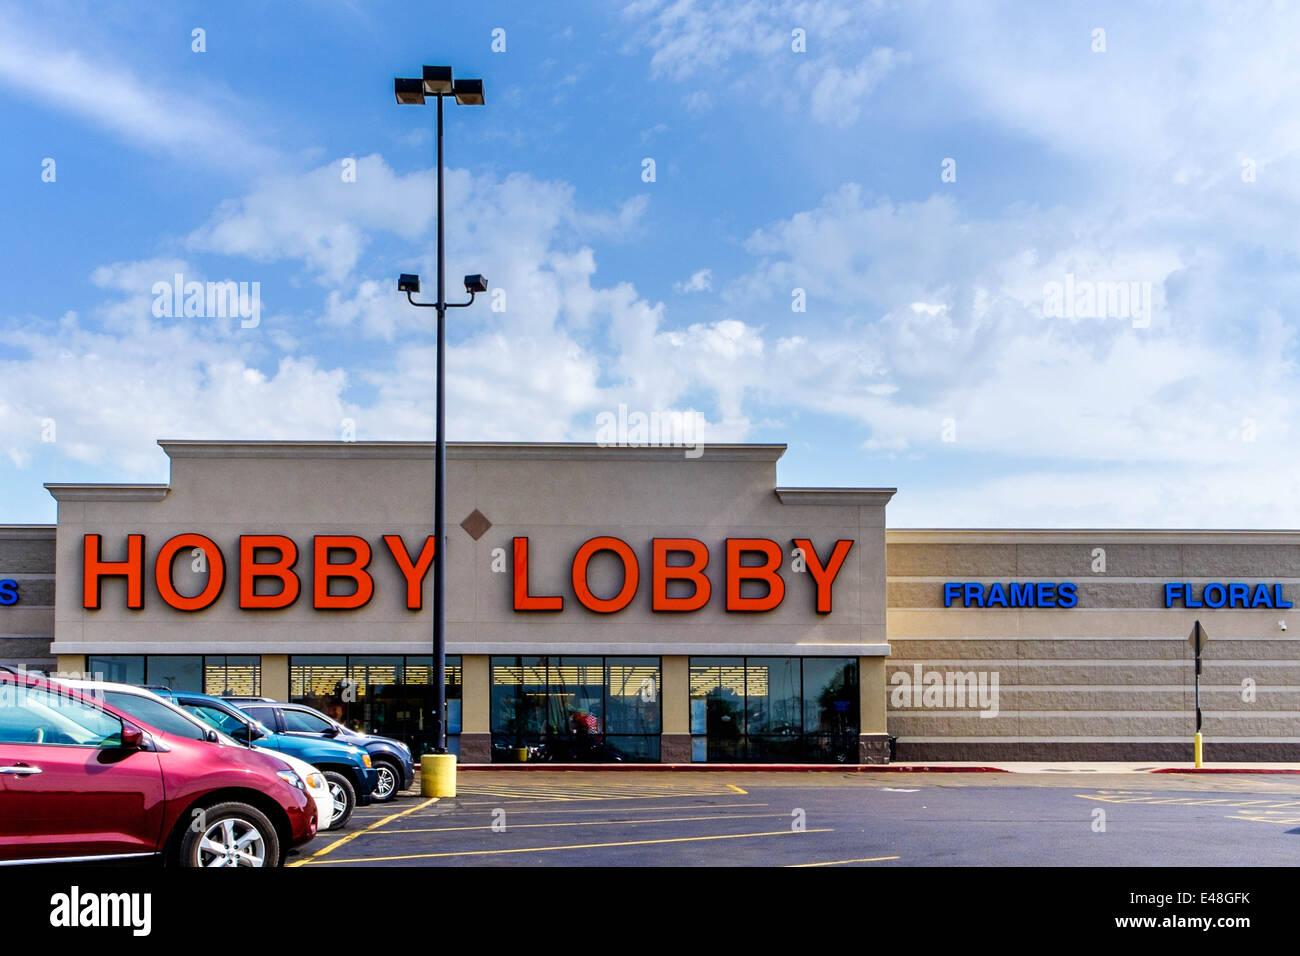 The exterior of a Hobby Lobby store in Oklahoma City, Oklahoma. USA. - Stock Image